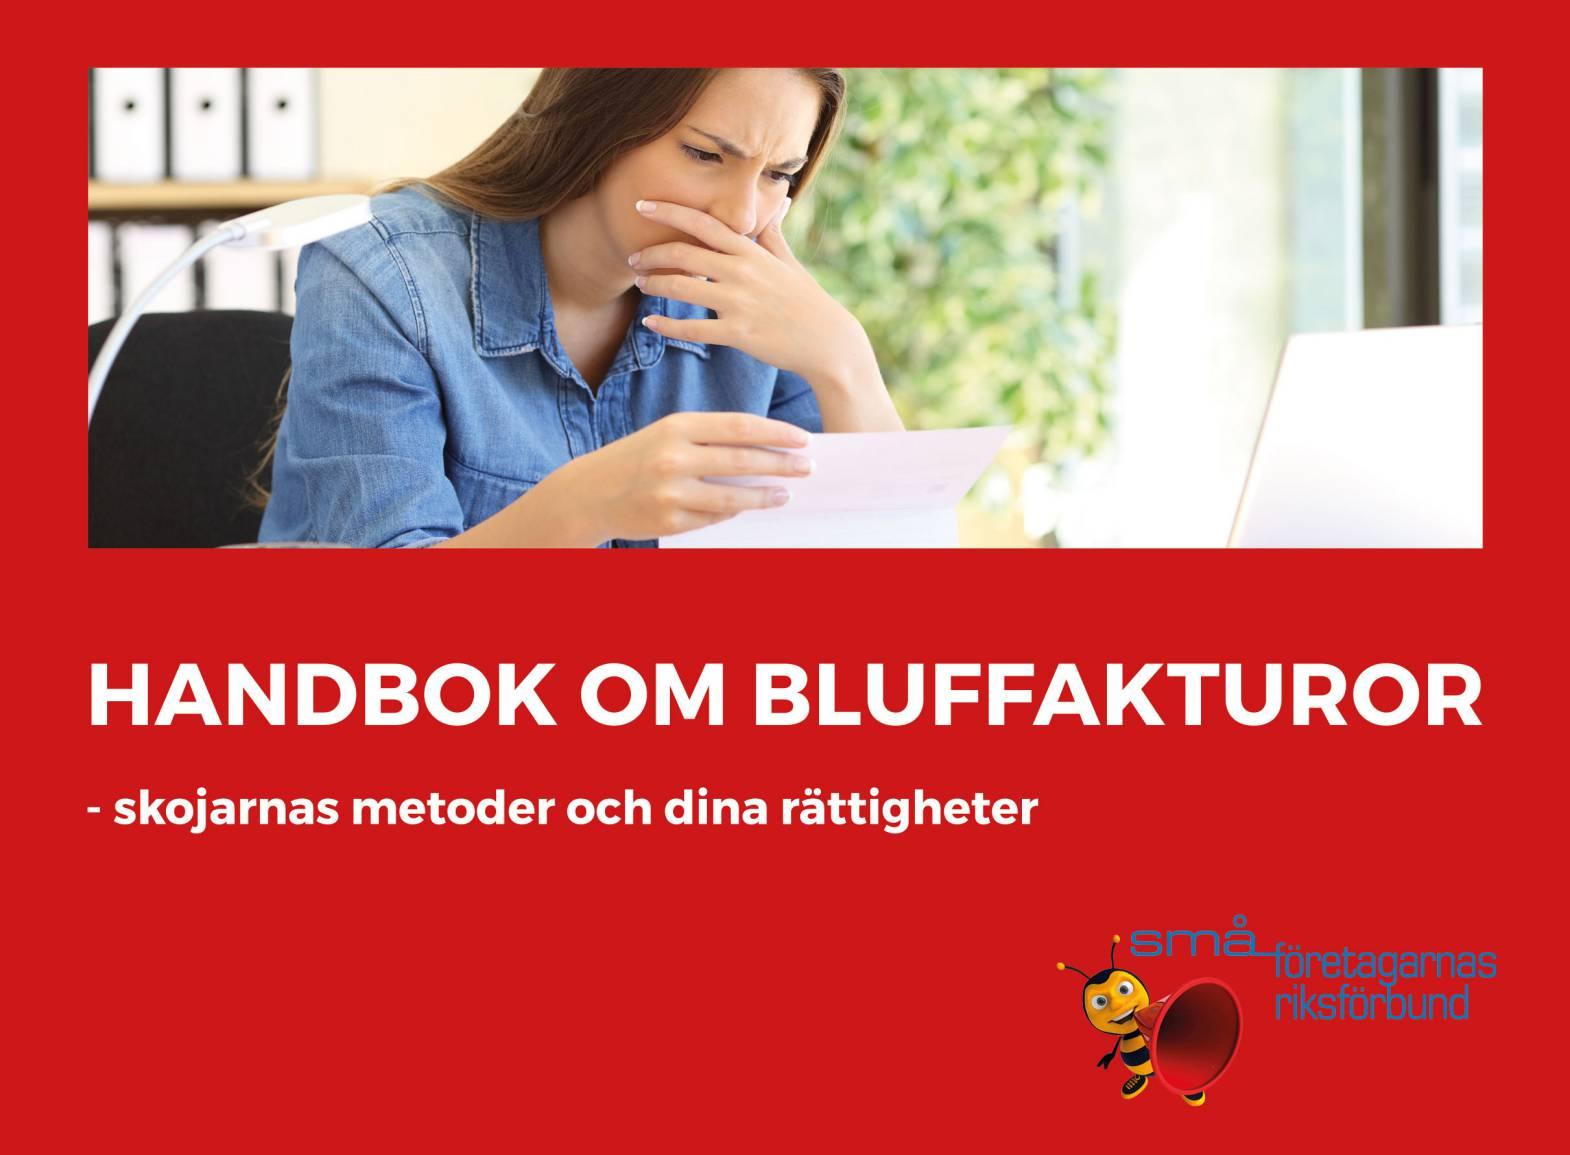 Manual för bluffakturor